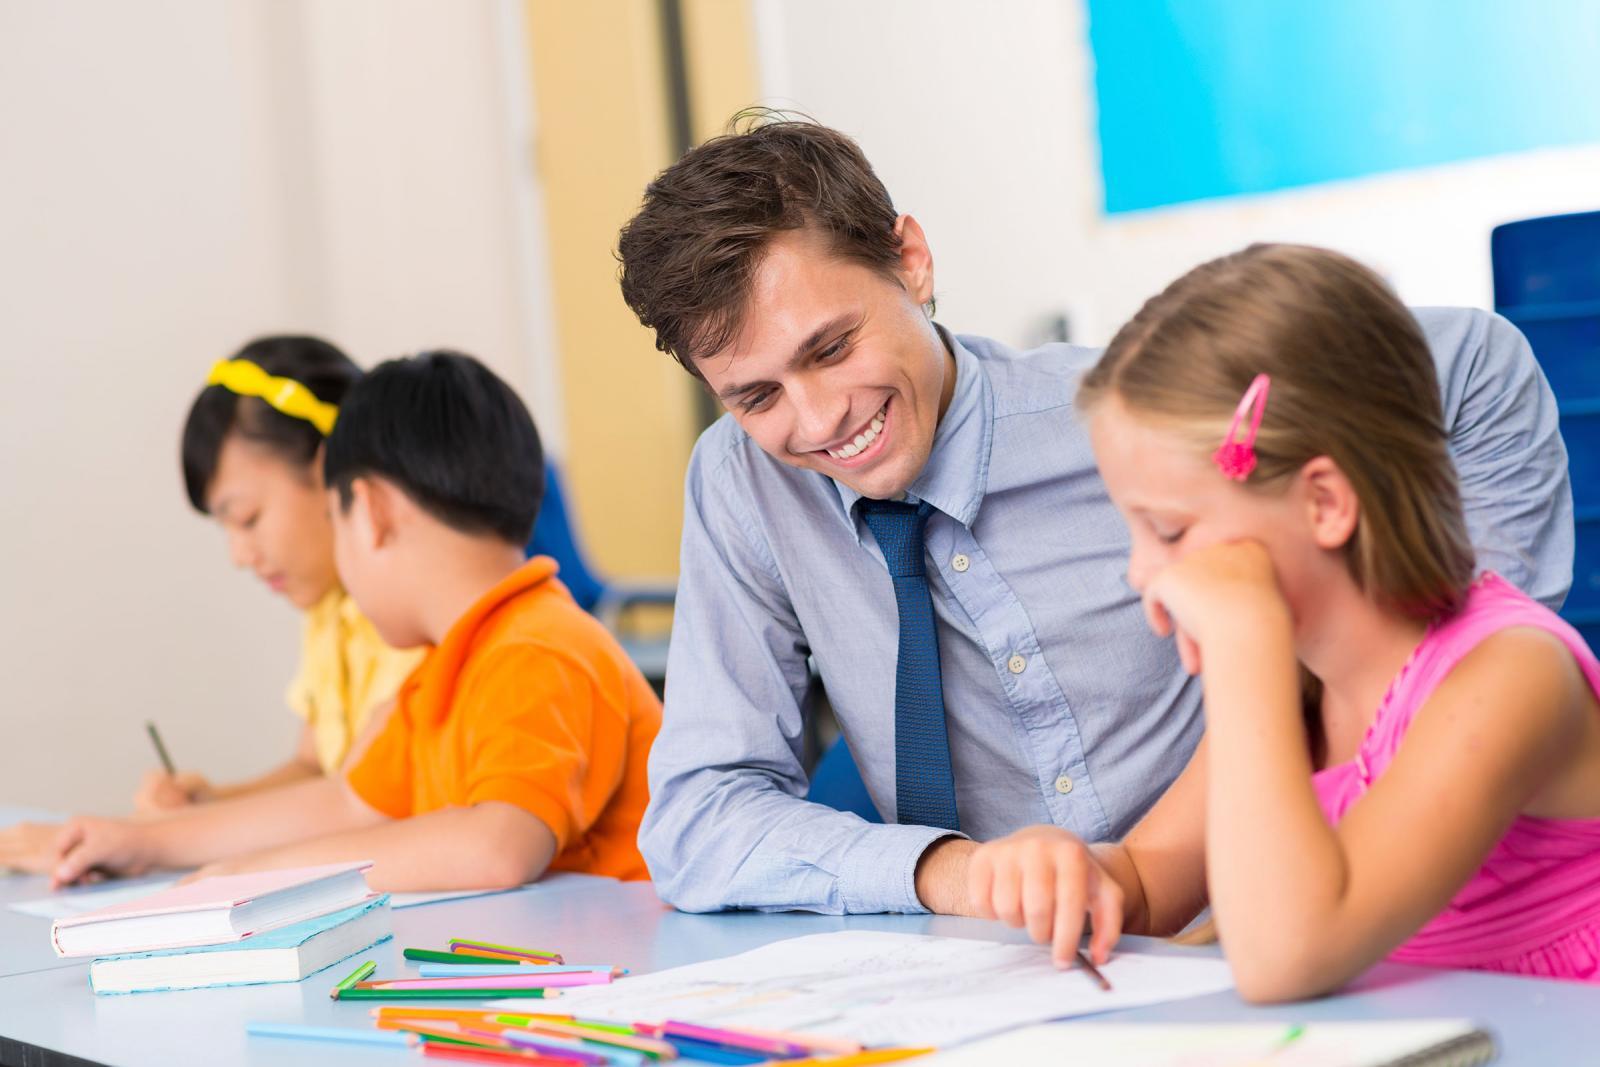 Gợi Ý Giúp Giáo Viên Quản Lý Lớp Học Tốt Hơn